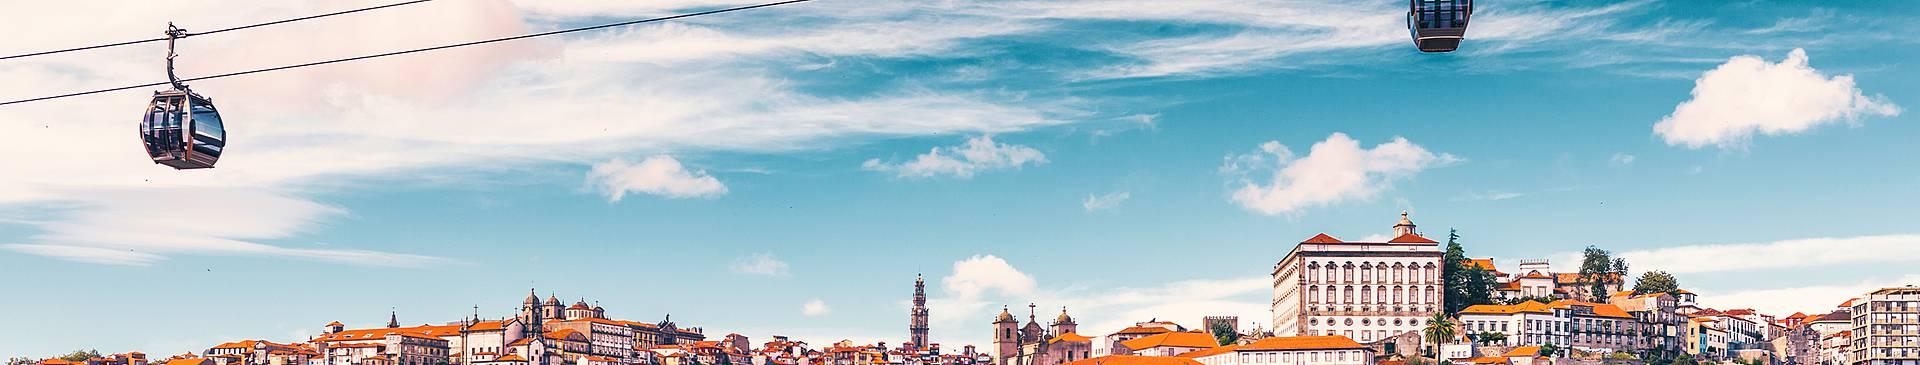 Portugal weekend breaks